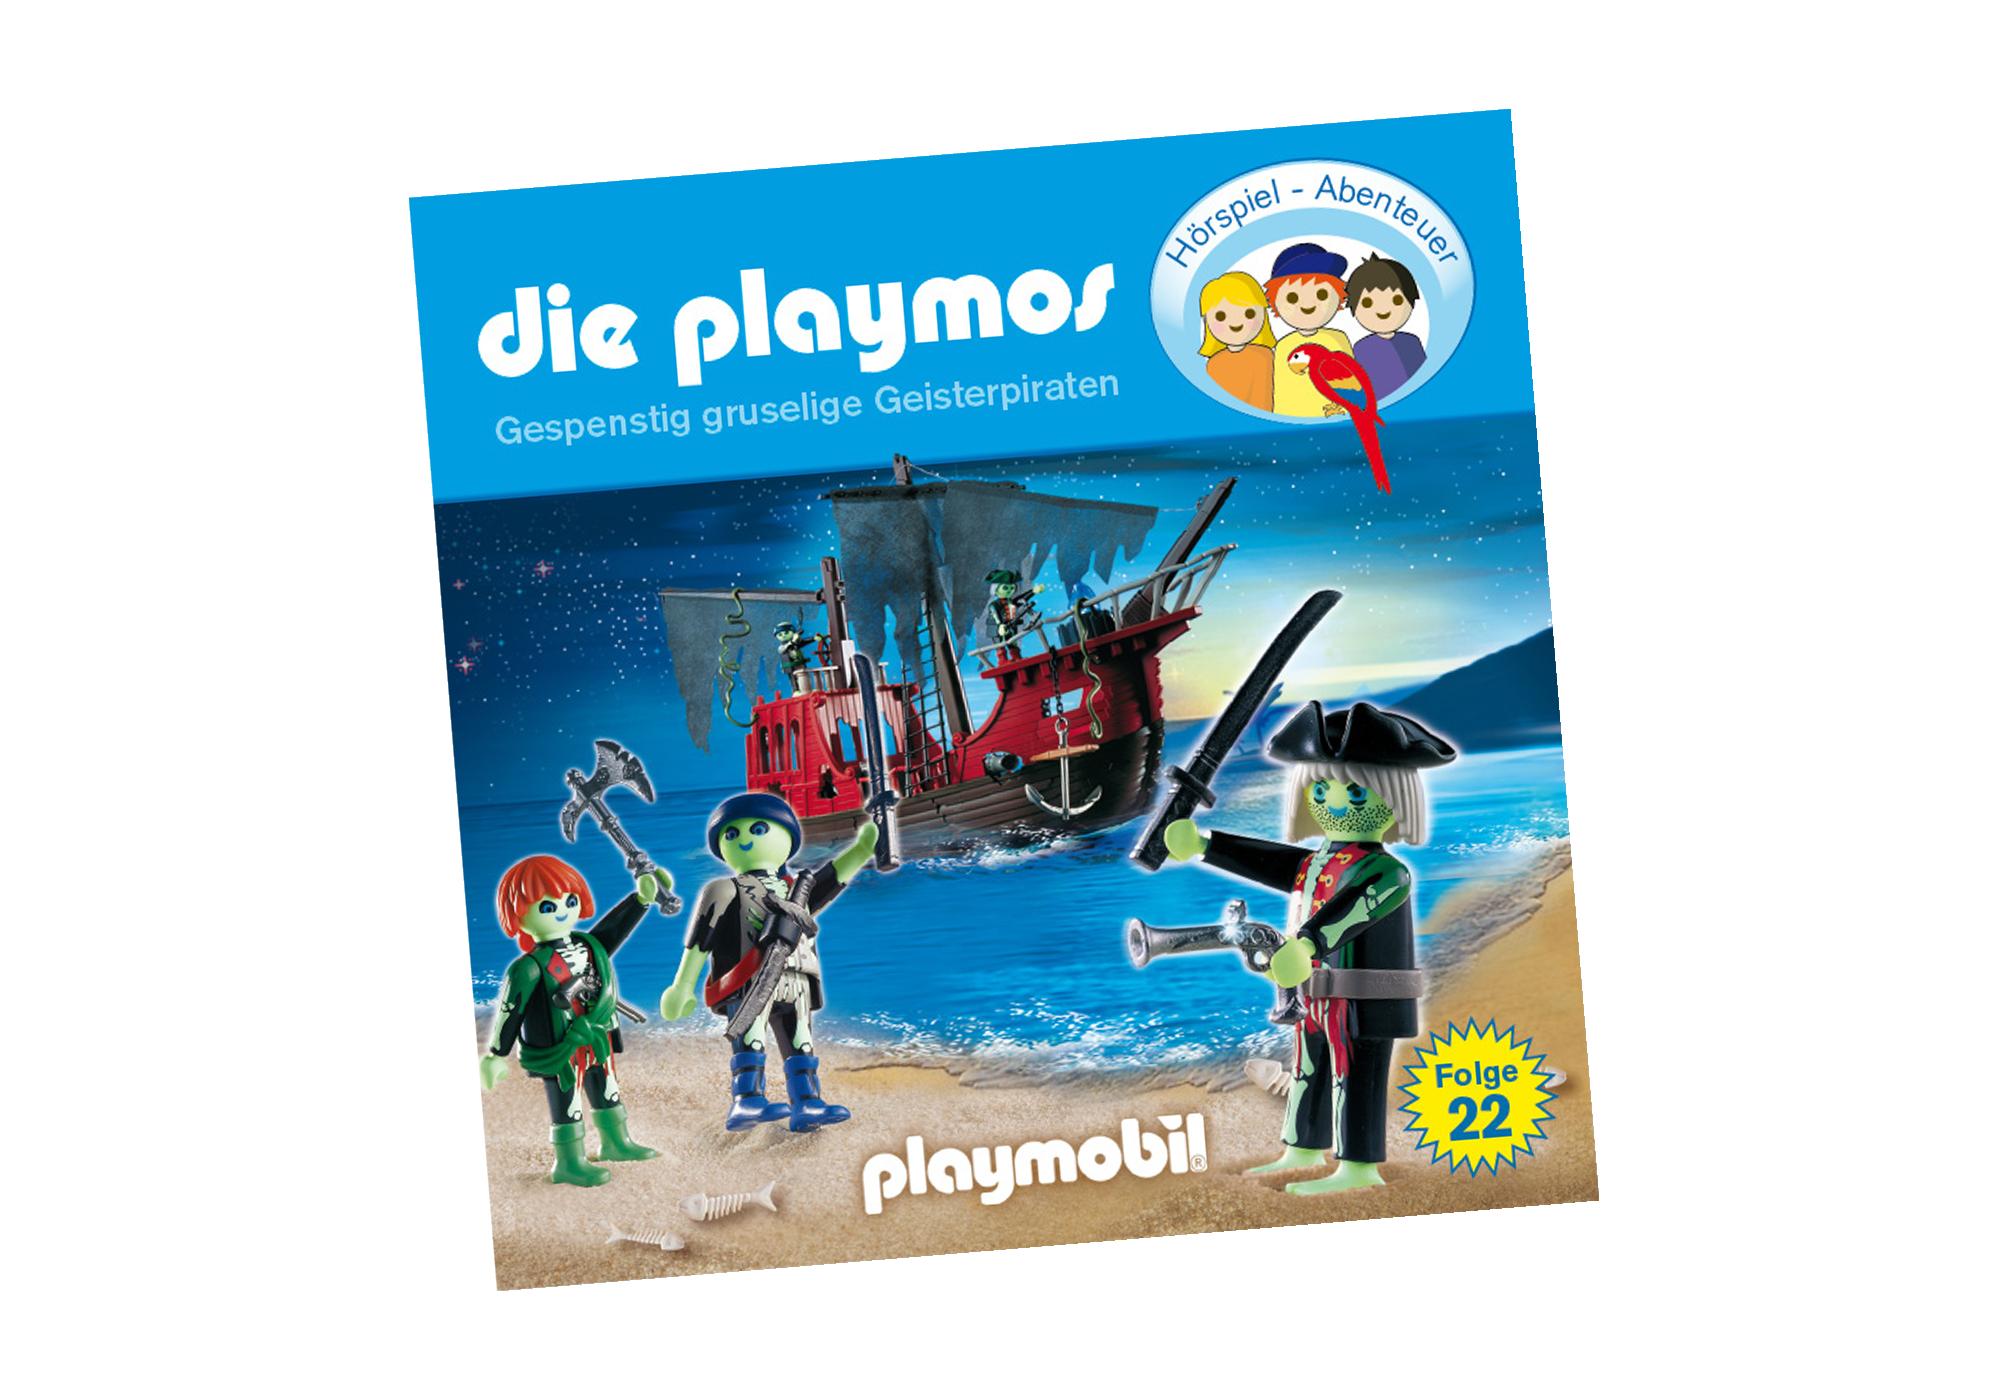 http://media.playmobil.com/i/playmobil/80323_product_detail/Gespenstig gruselige Geisterpiraten (22) - CD